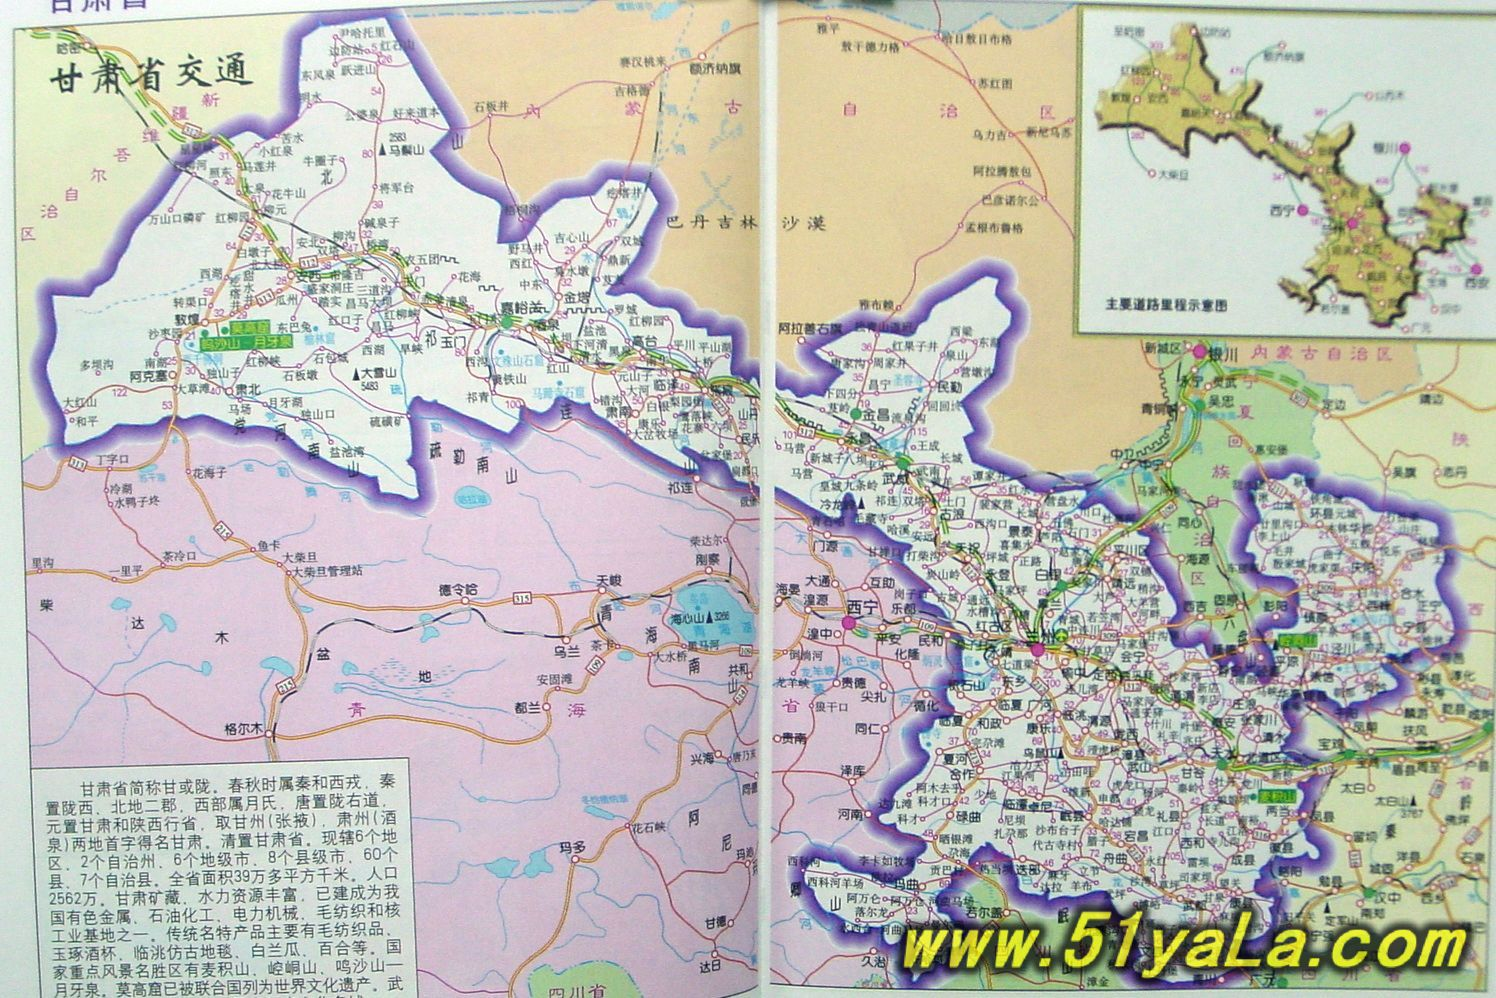 甘肃省定西市_甘肃旅游地图 甘肃旅游地图介绍 甘肃旅游地图网 中国旅游网